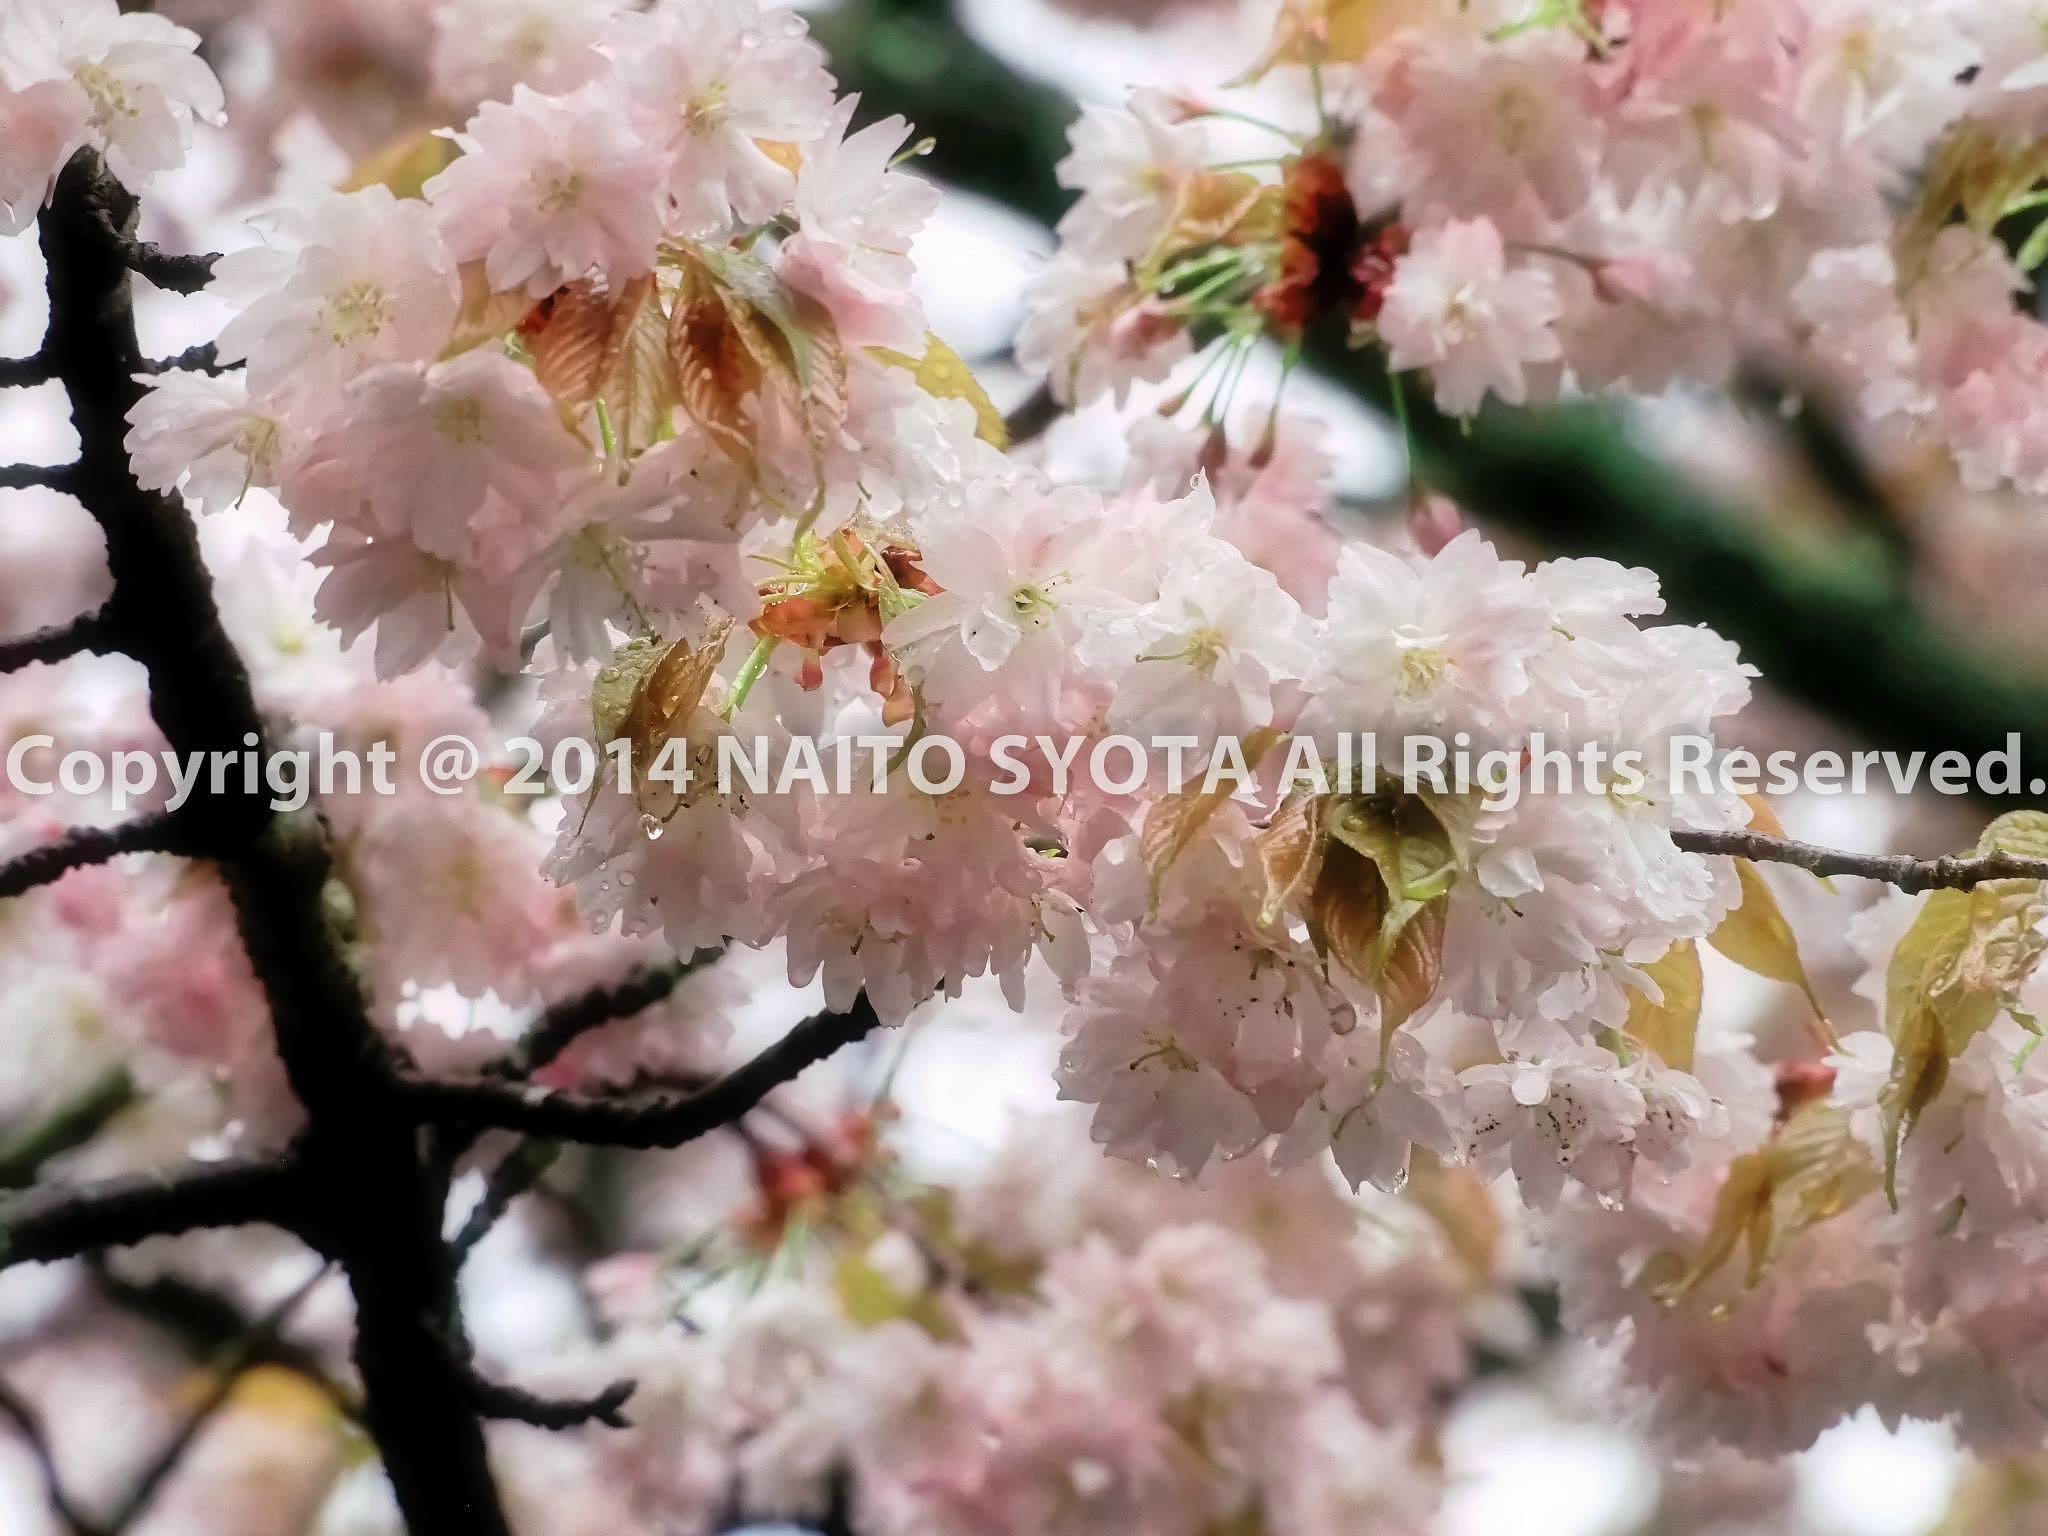 Untitled by naitosyota